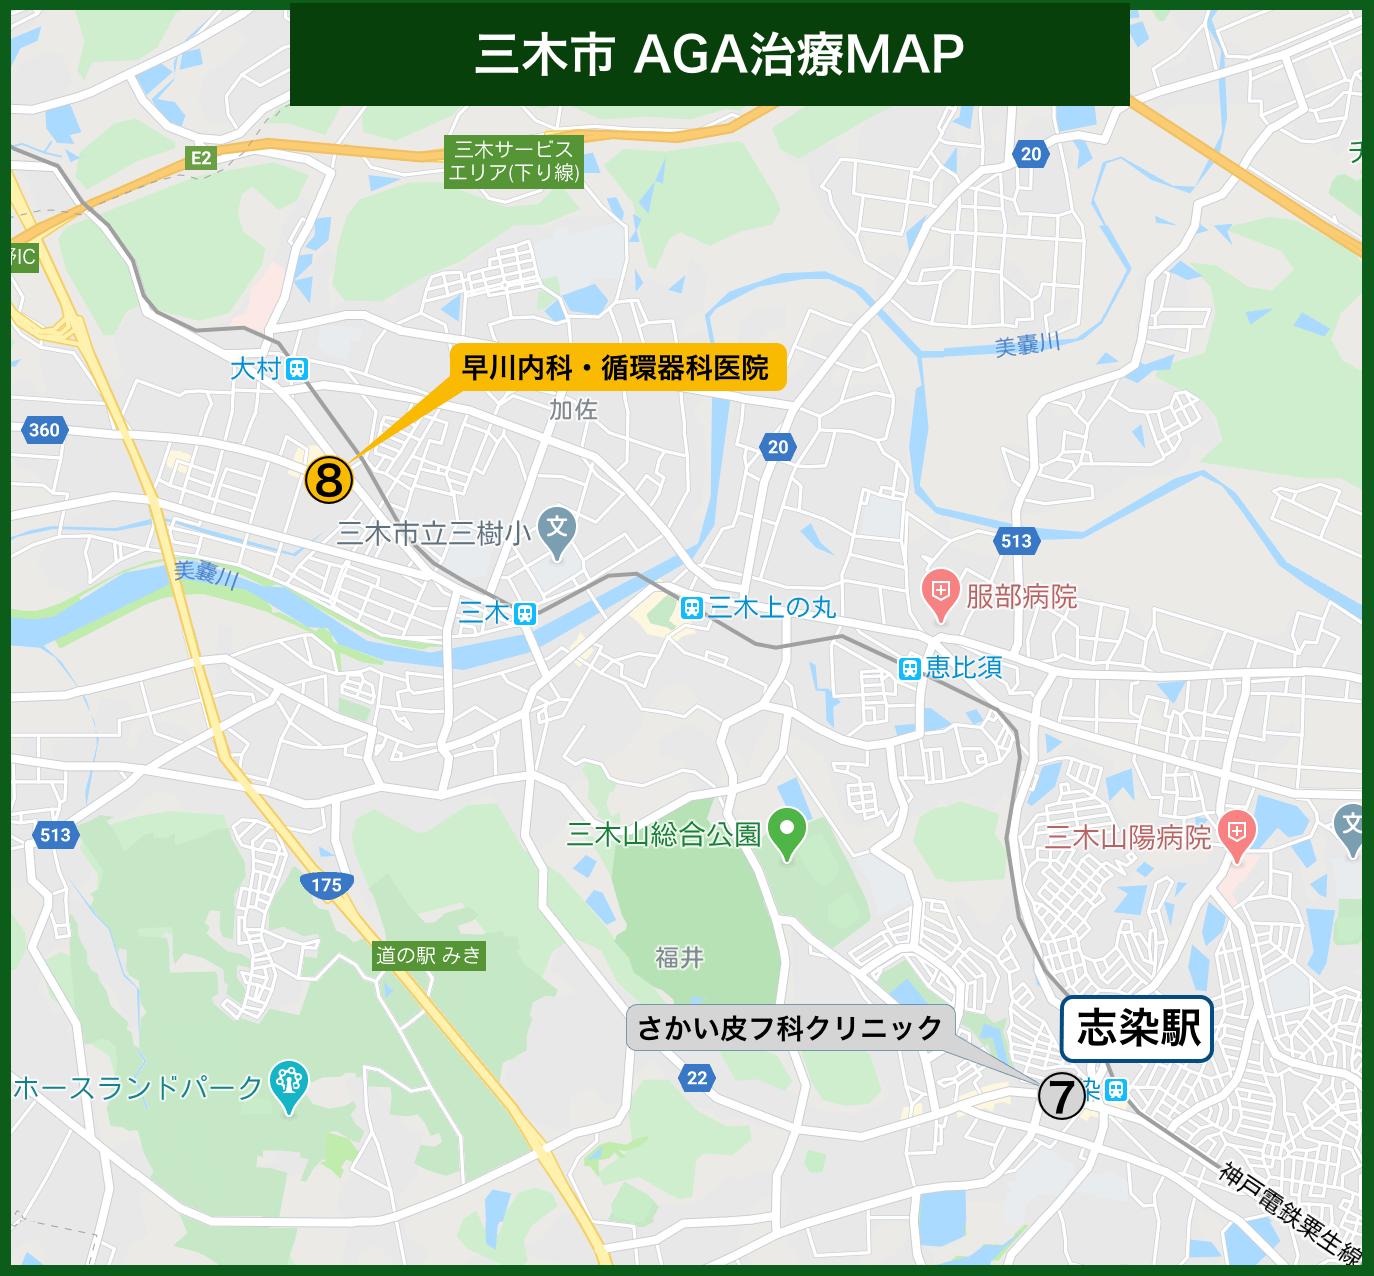 三木市 AGA治療MAP